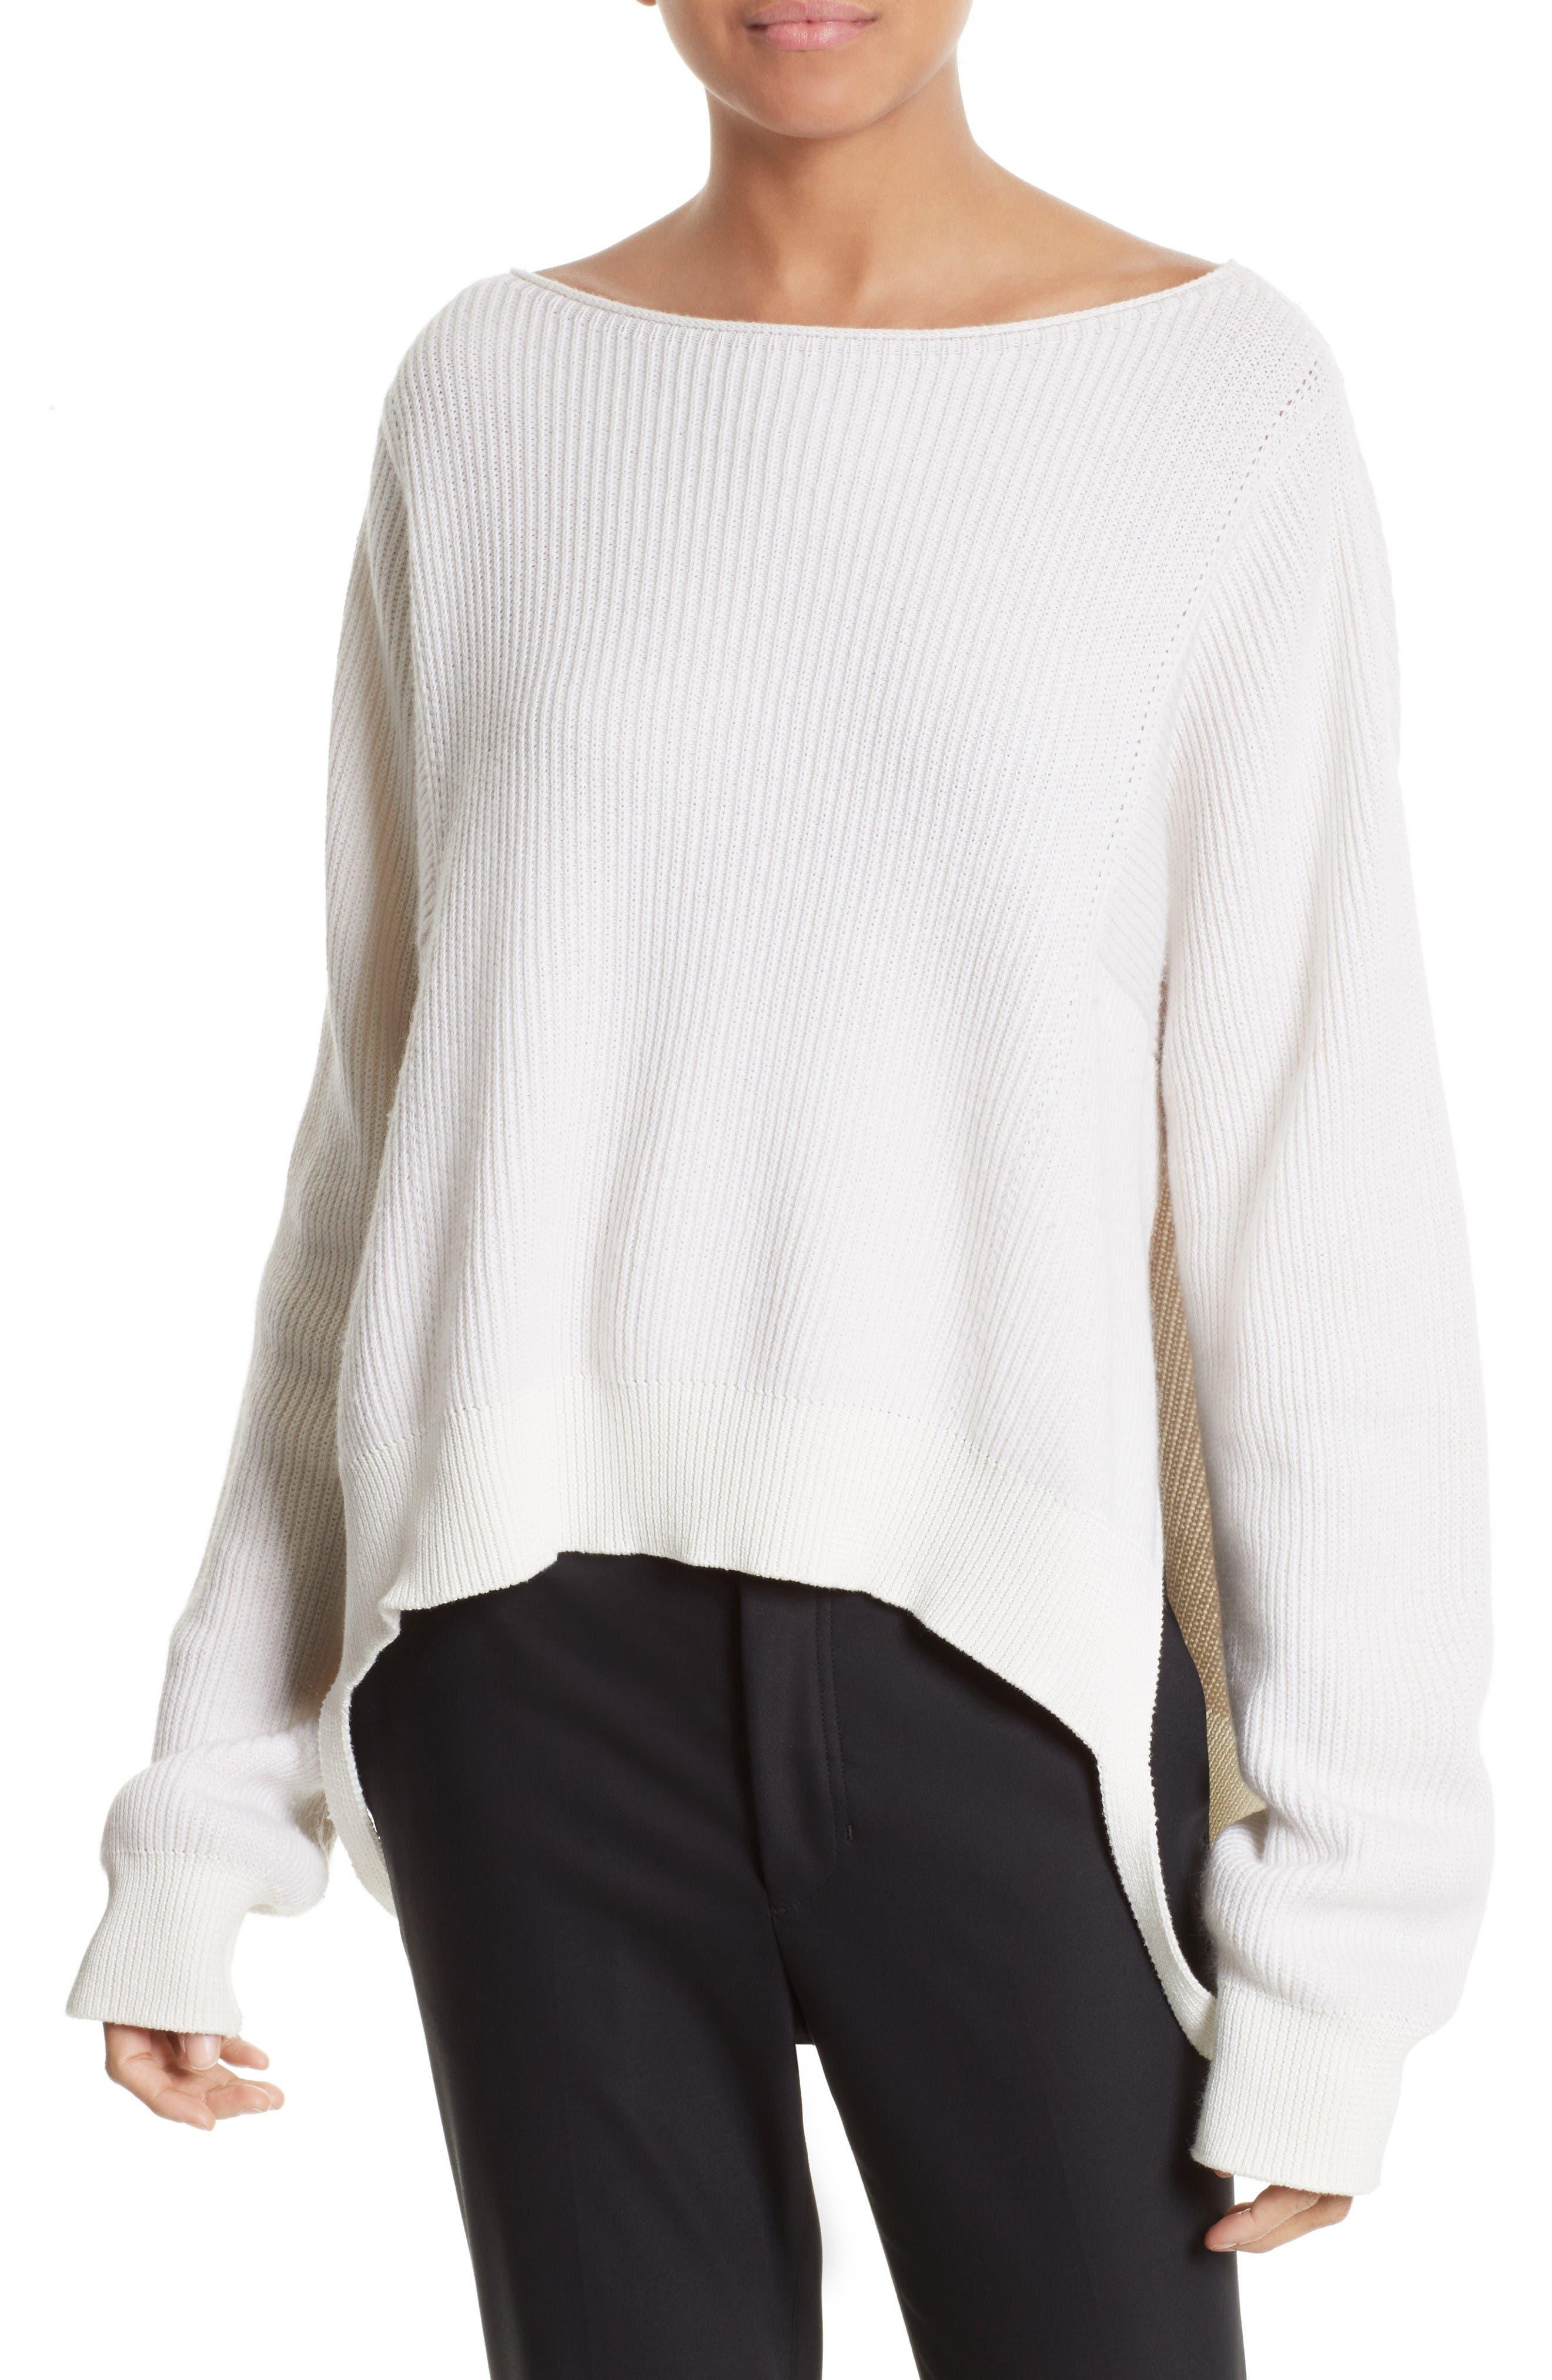 Helmut Lang Side Strap Pullover